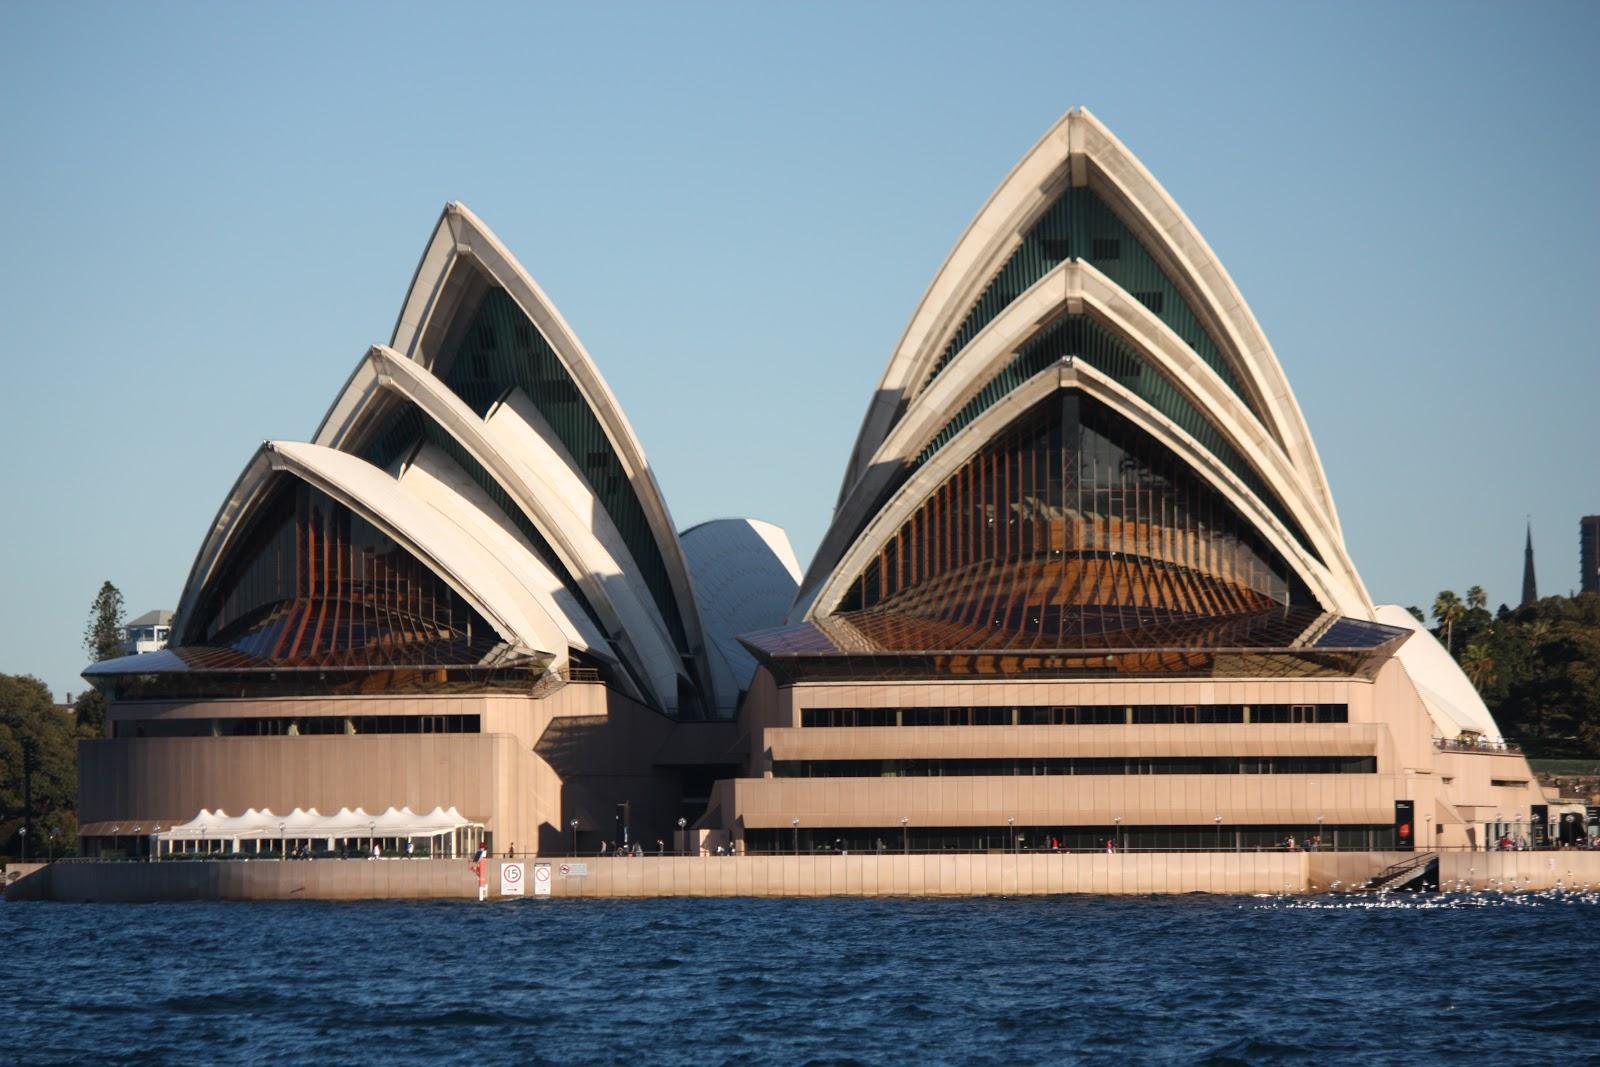 Danish Architect Who Designed The Sydney Opera House